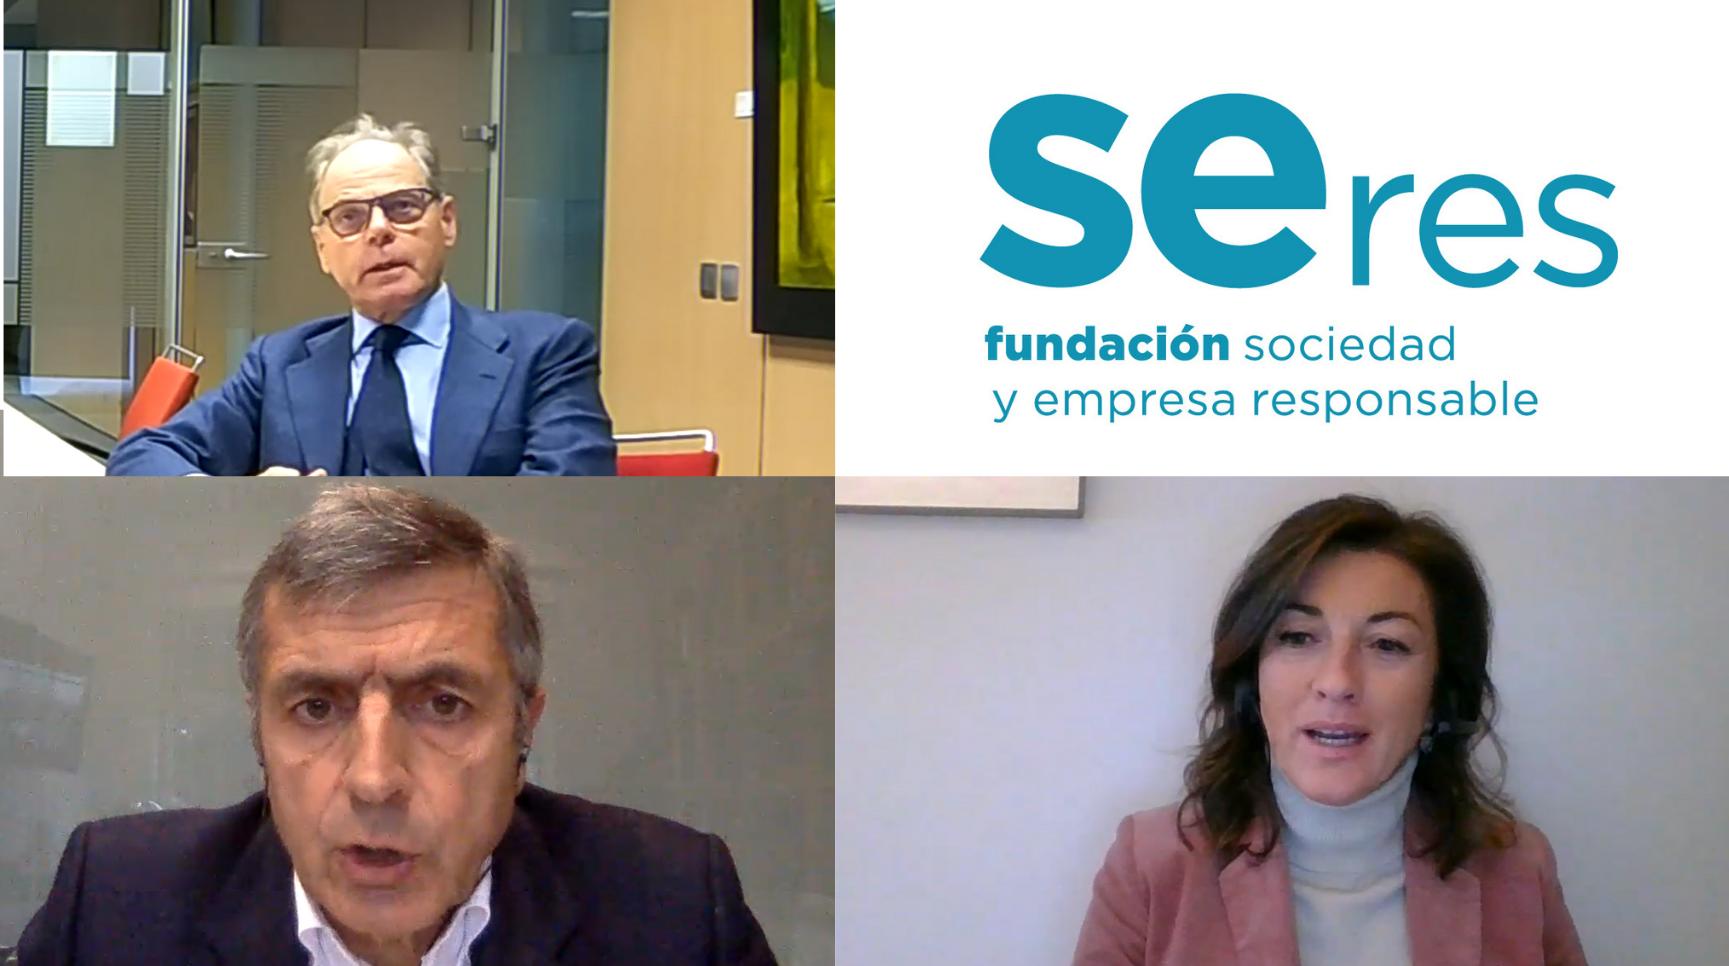 Nuevos colectivos desfavorecidos y bienestar social, los ejes que aborda el nuevo informe presentado por Fundación SERES y Caser